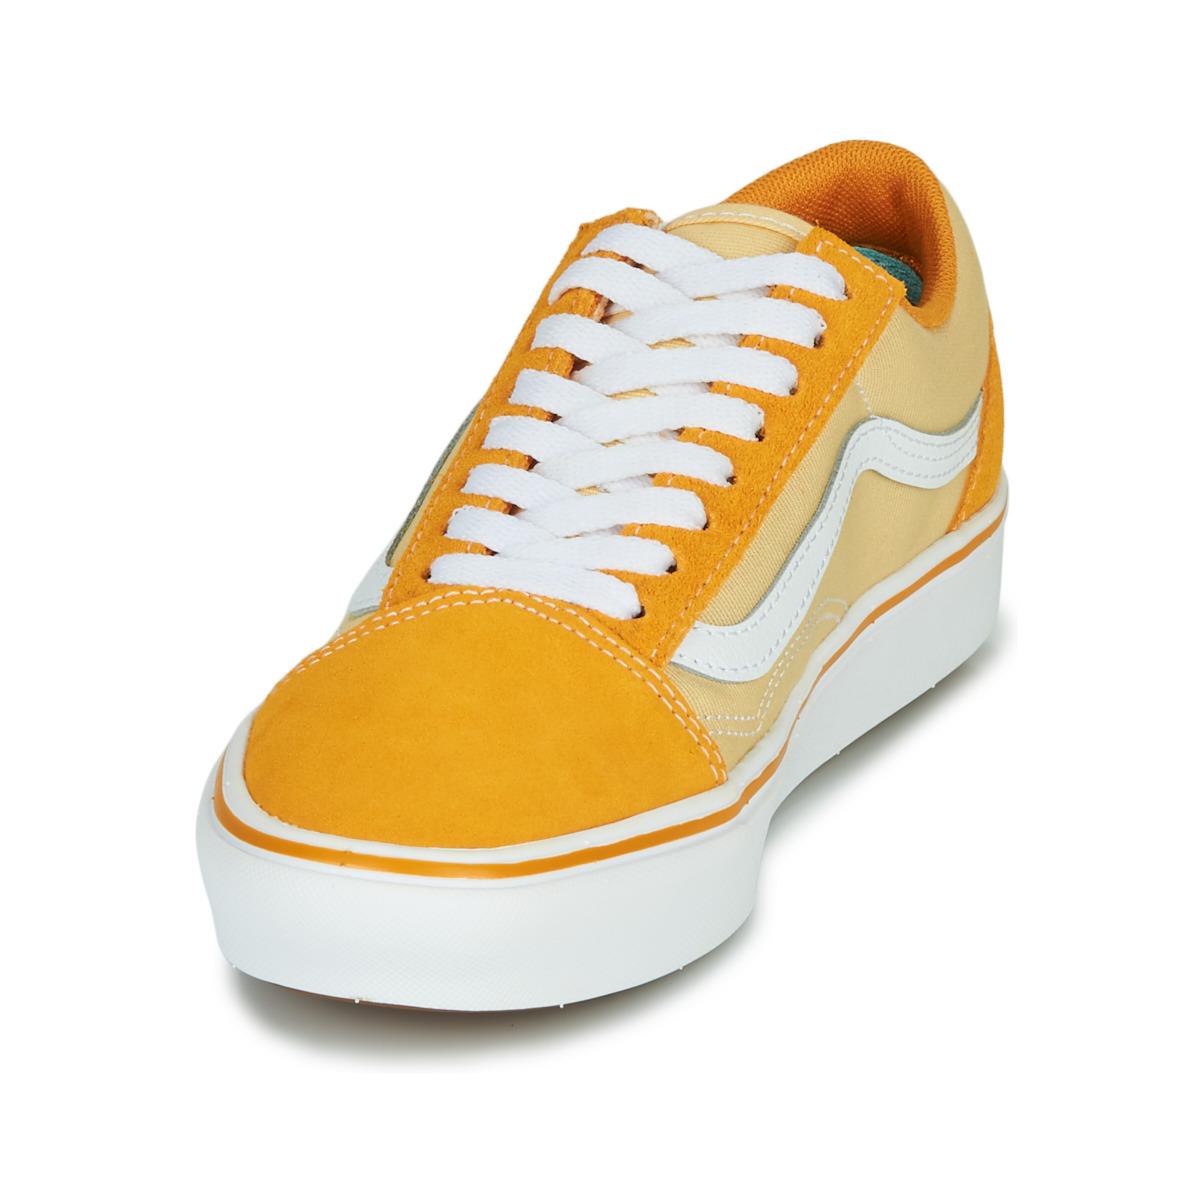 Vans Verde Scarpe, Stivali e Sneakers Taglia:36,37,38,39,40